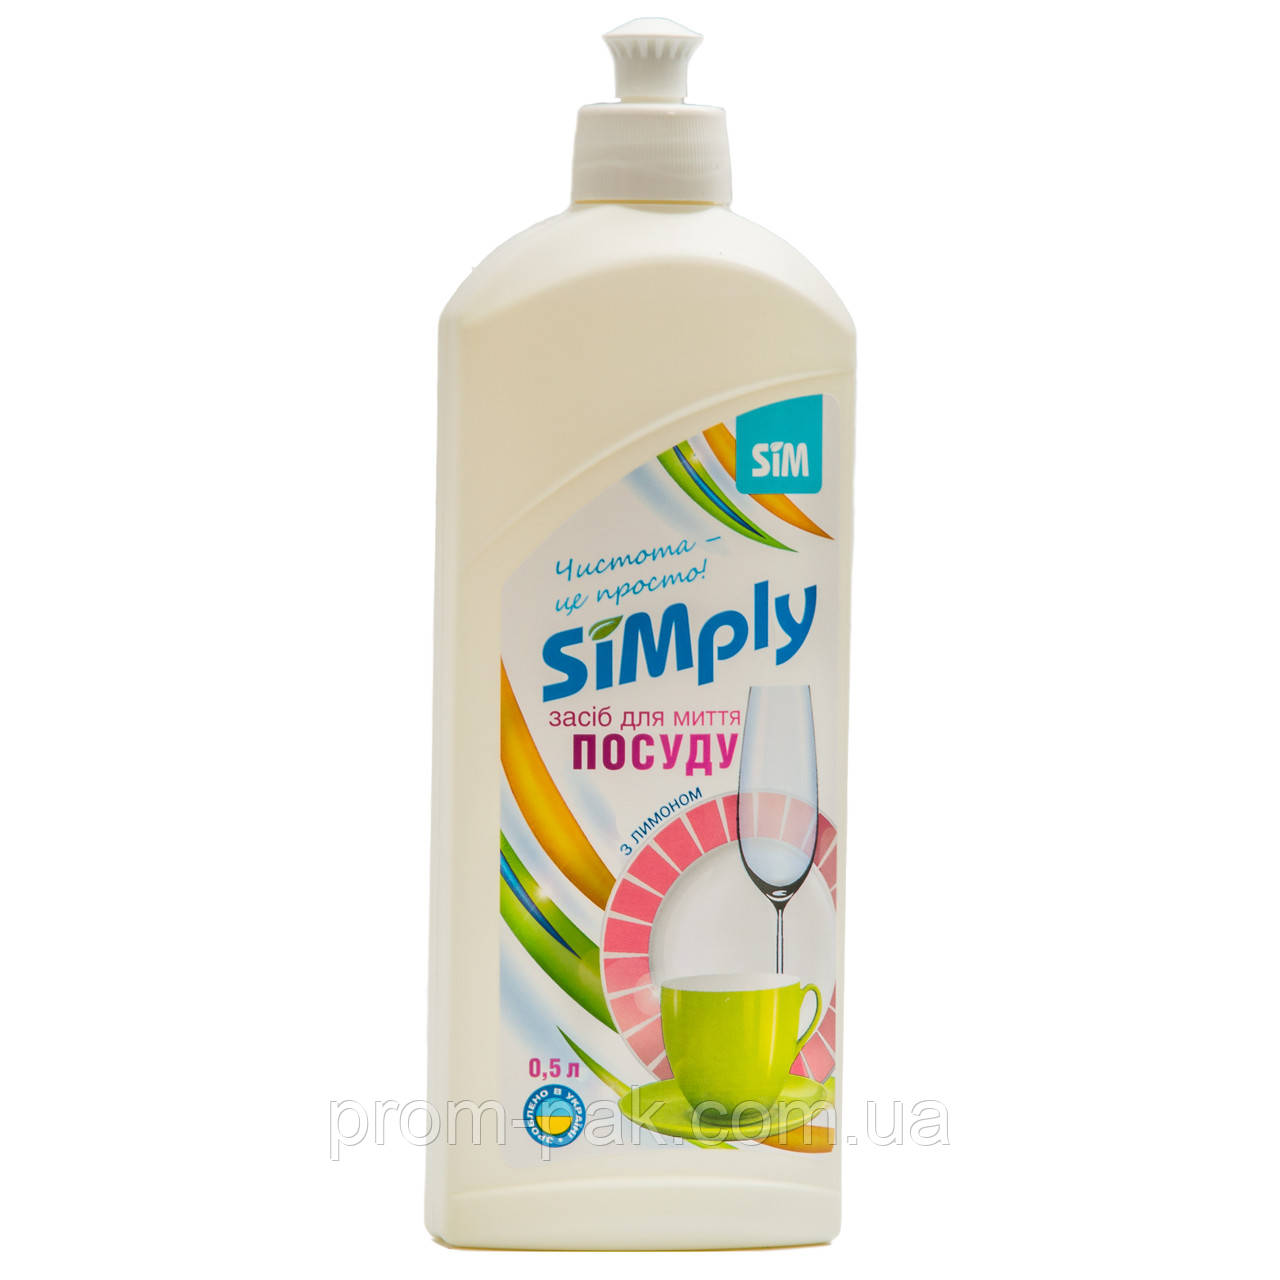 Средство для мытья посуды Симпли 0,5 л